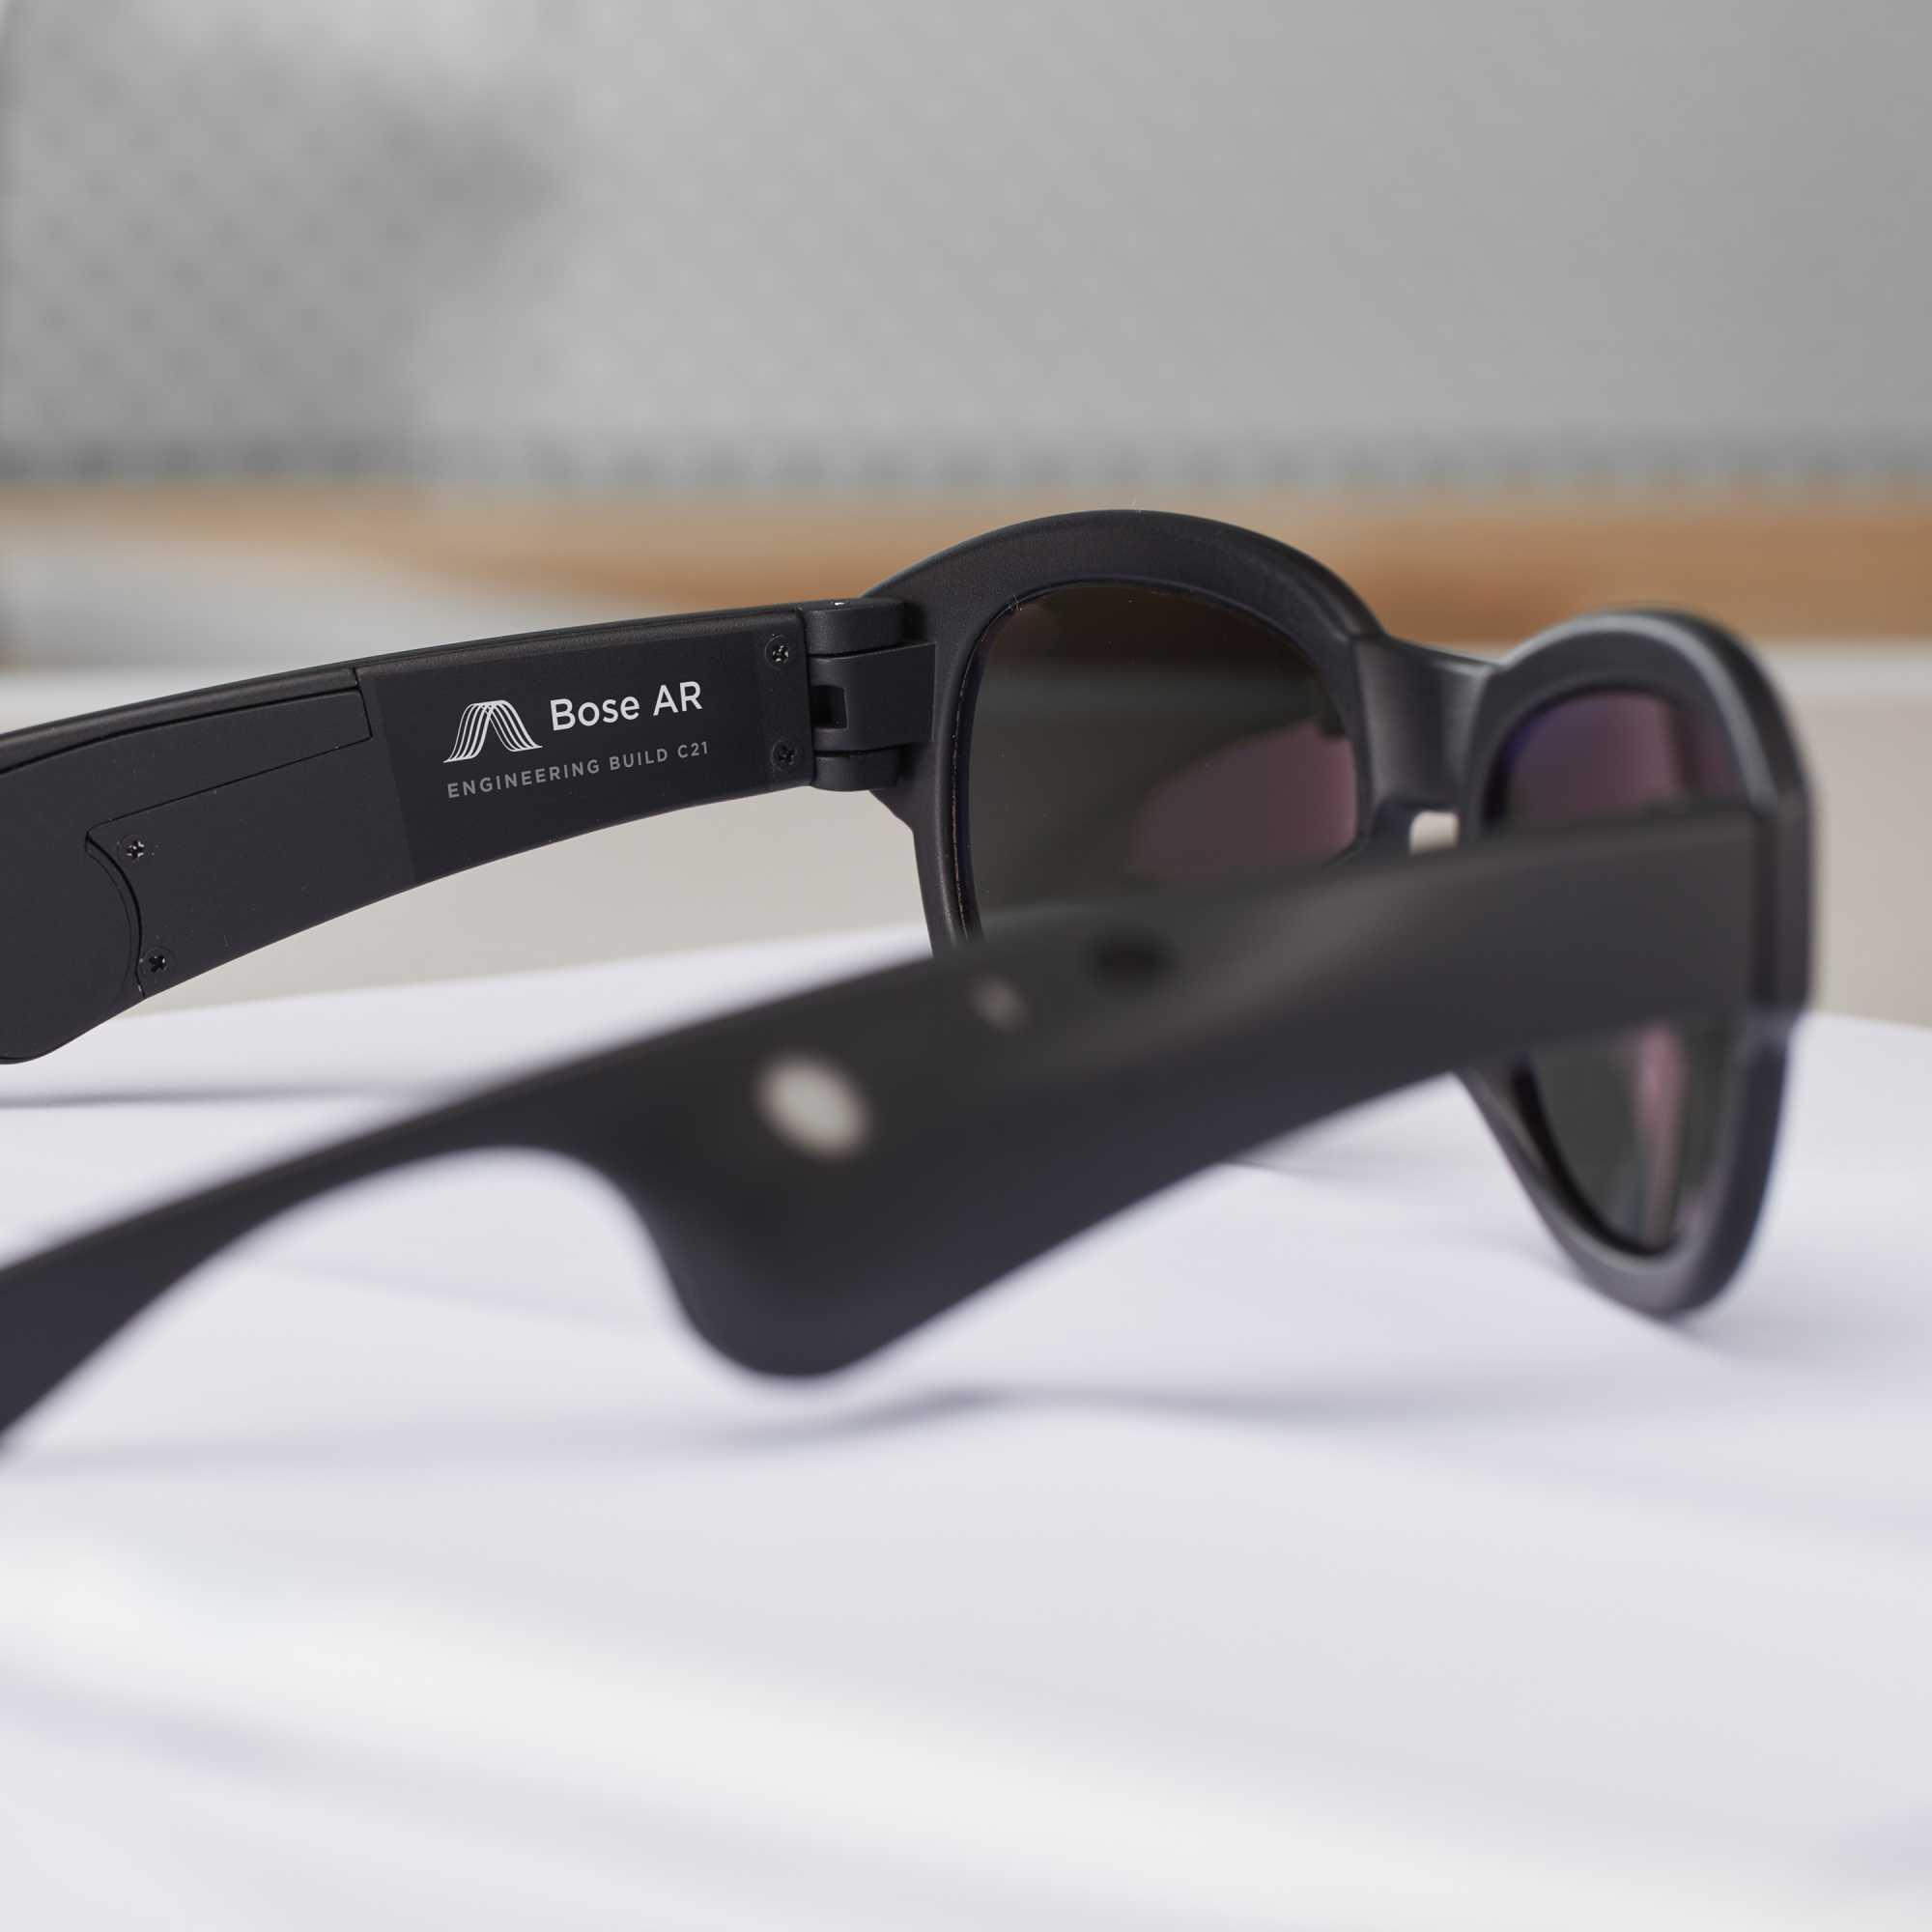 Boses Audio-Brillen-Prototyp wird im Sommer an ausgewählte Entwickler verschickt. Von einer Consumer-Variante ist keine Rede.